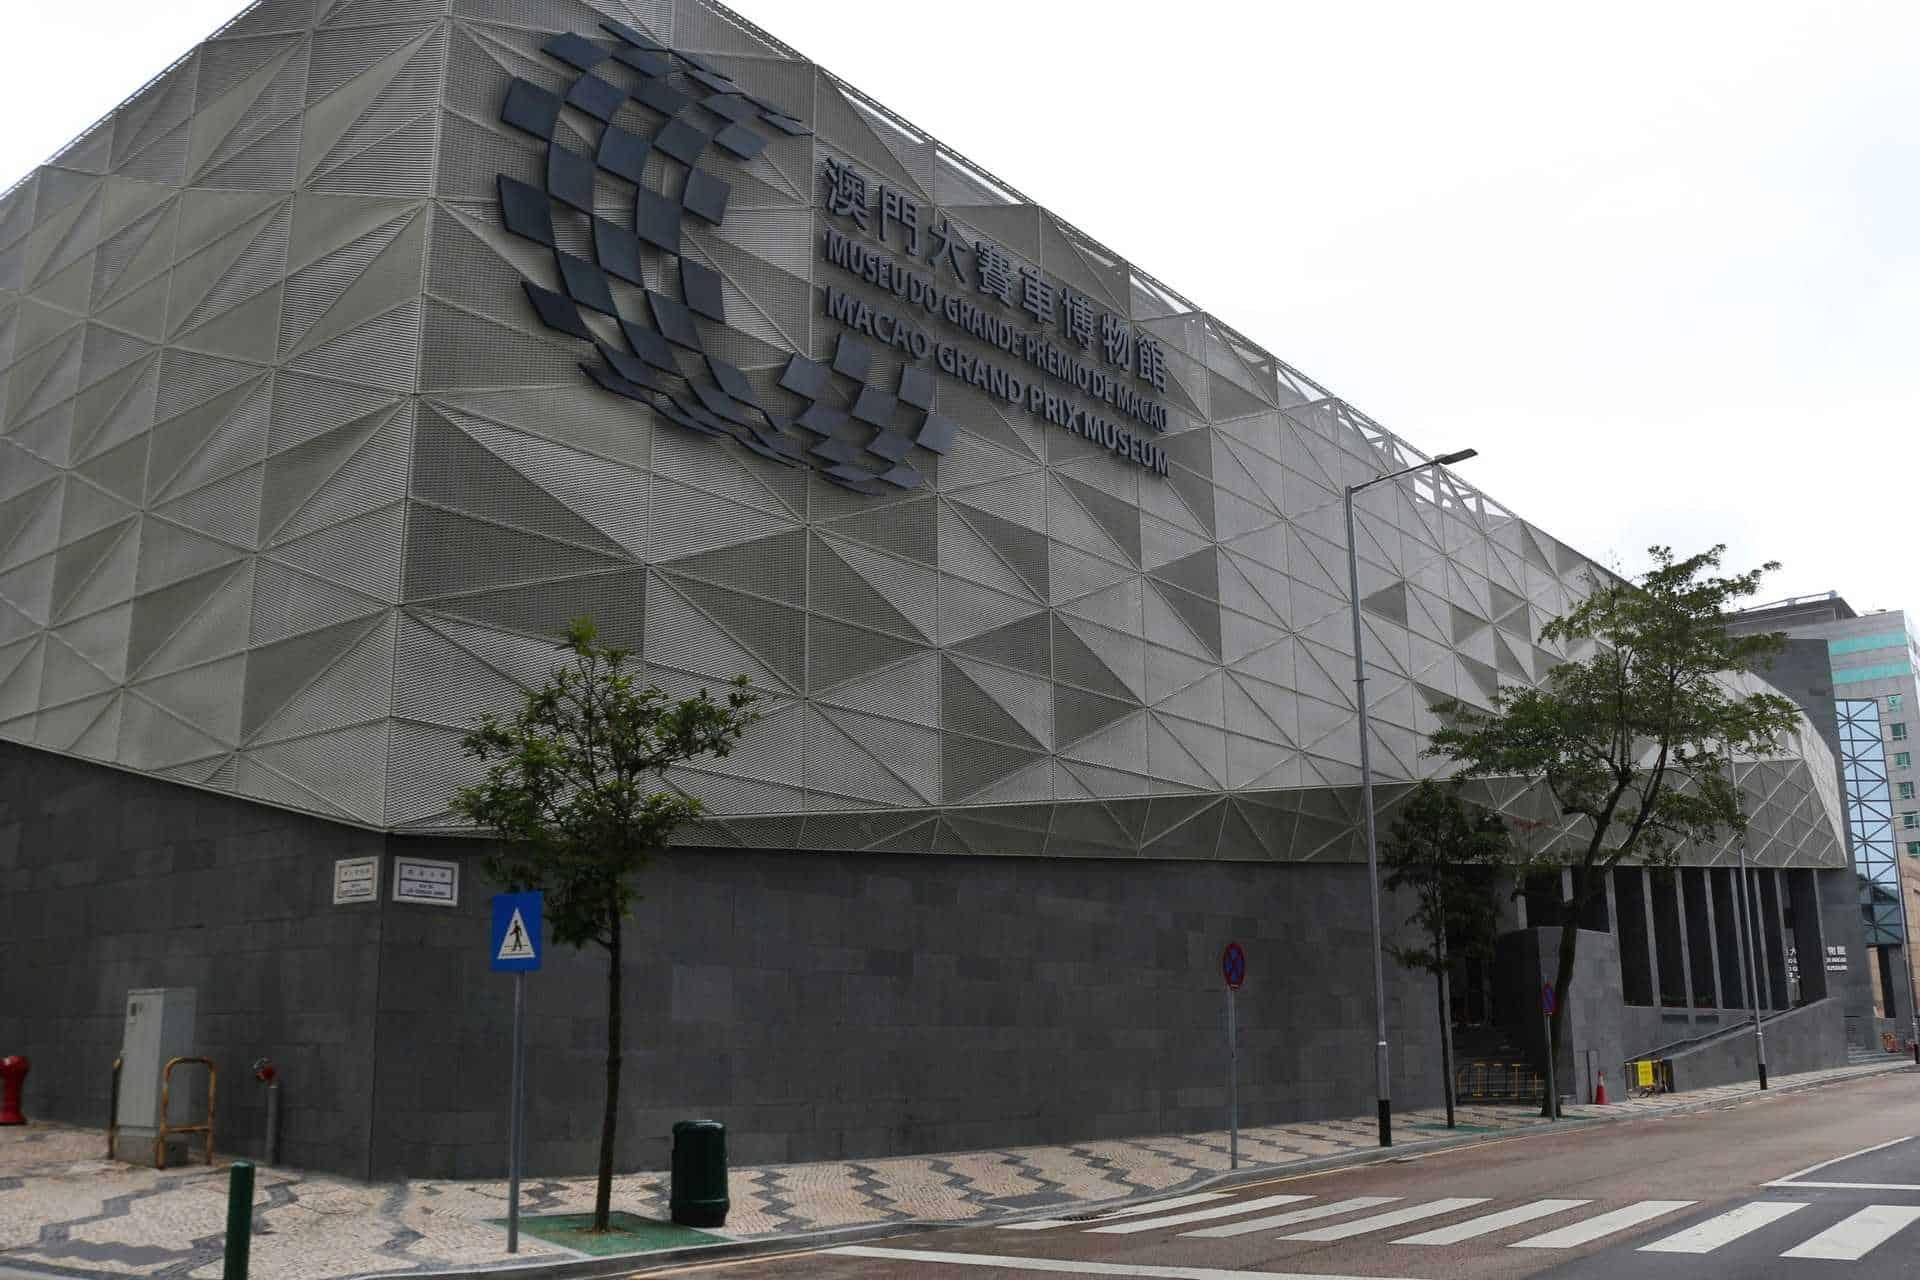 The Grand Prix Museum, Macau